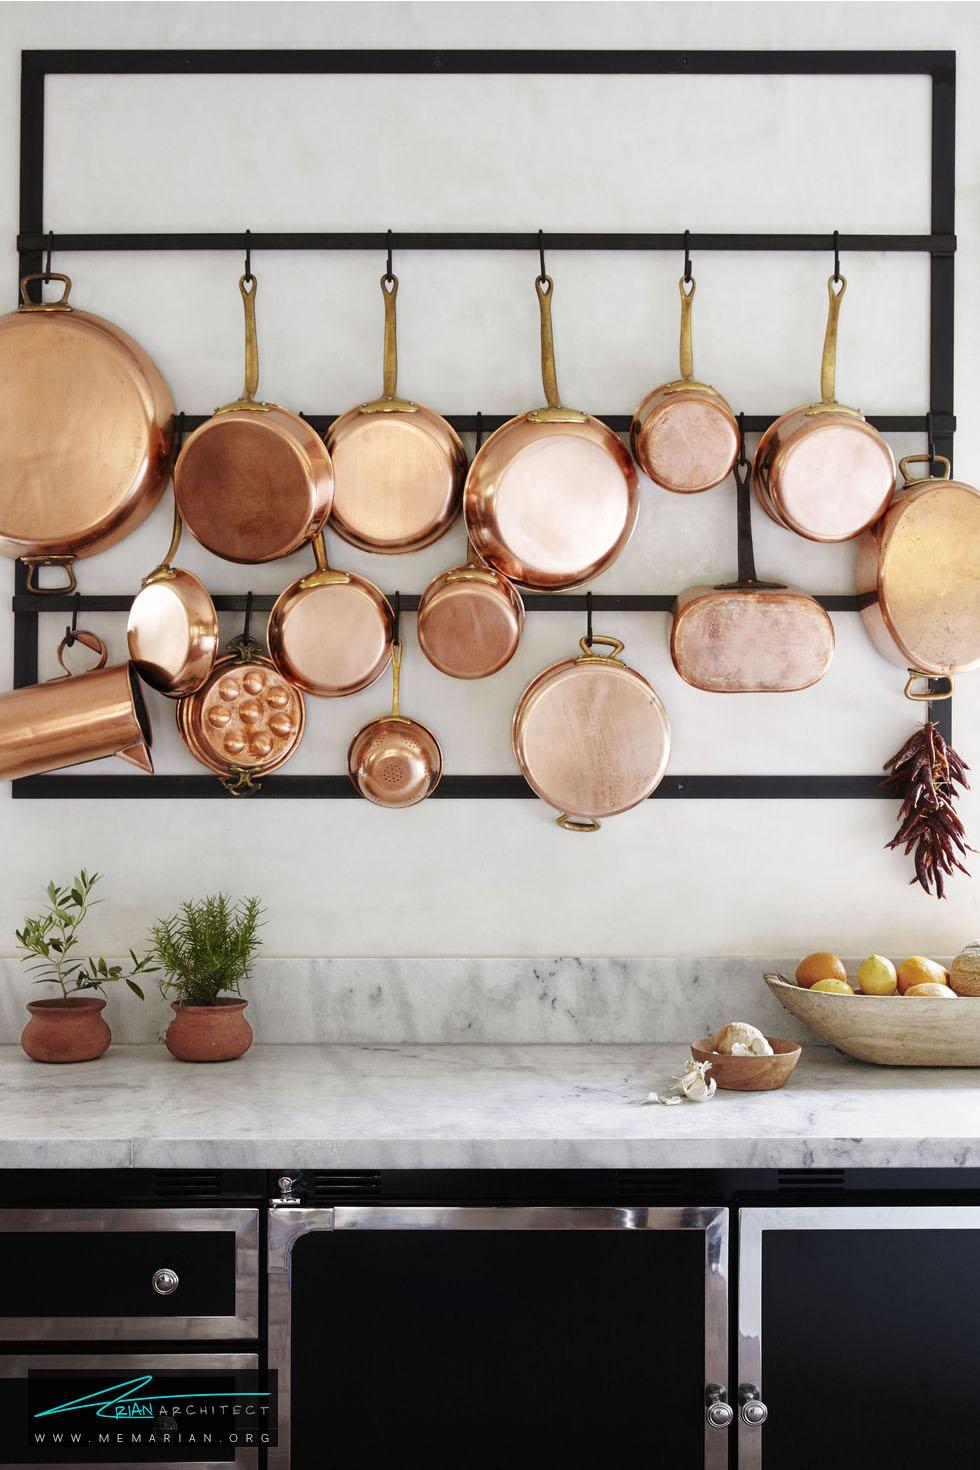 نگهدارنده وسایل آشپزخانه - 20 ایده جذاب برای چیدمان دکوراسیون آشپزخانه